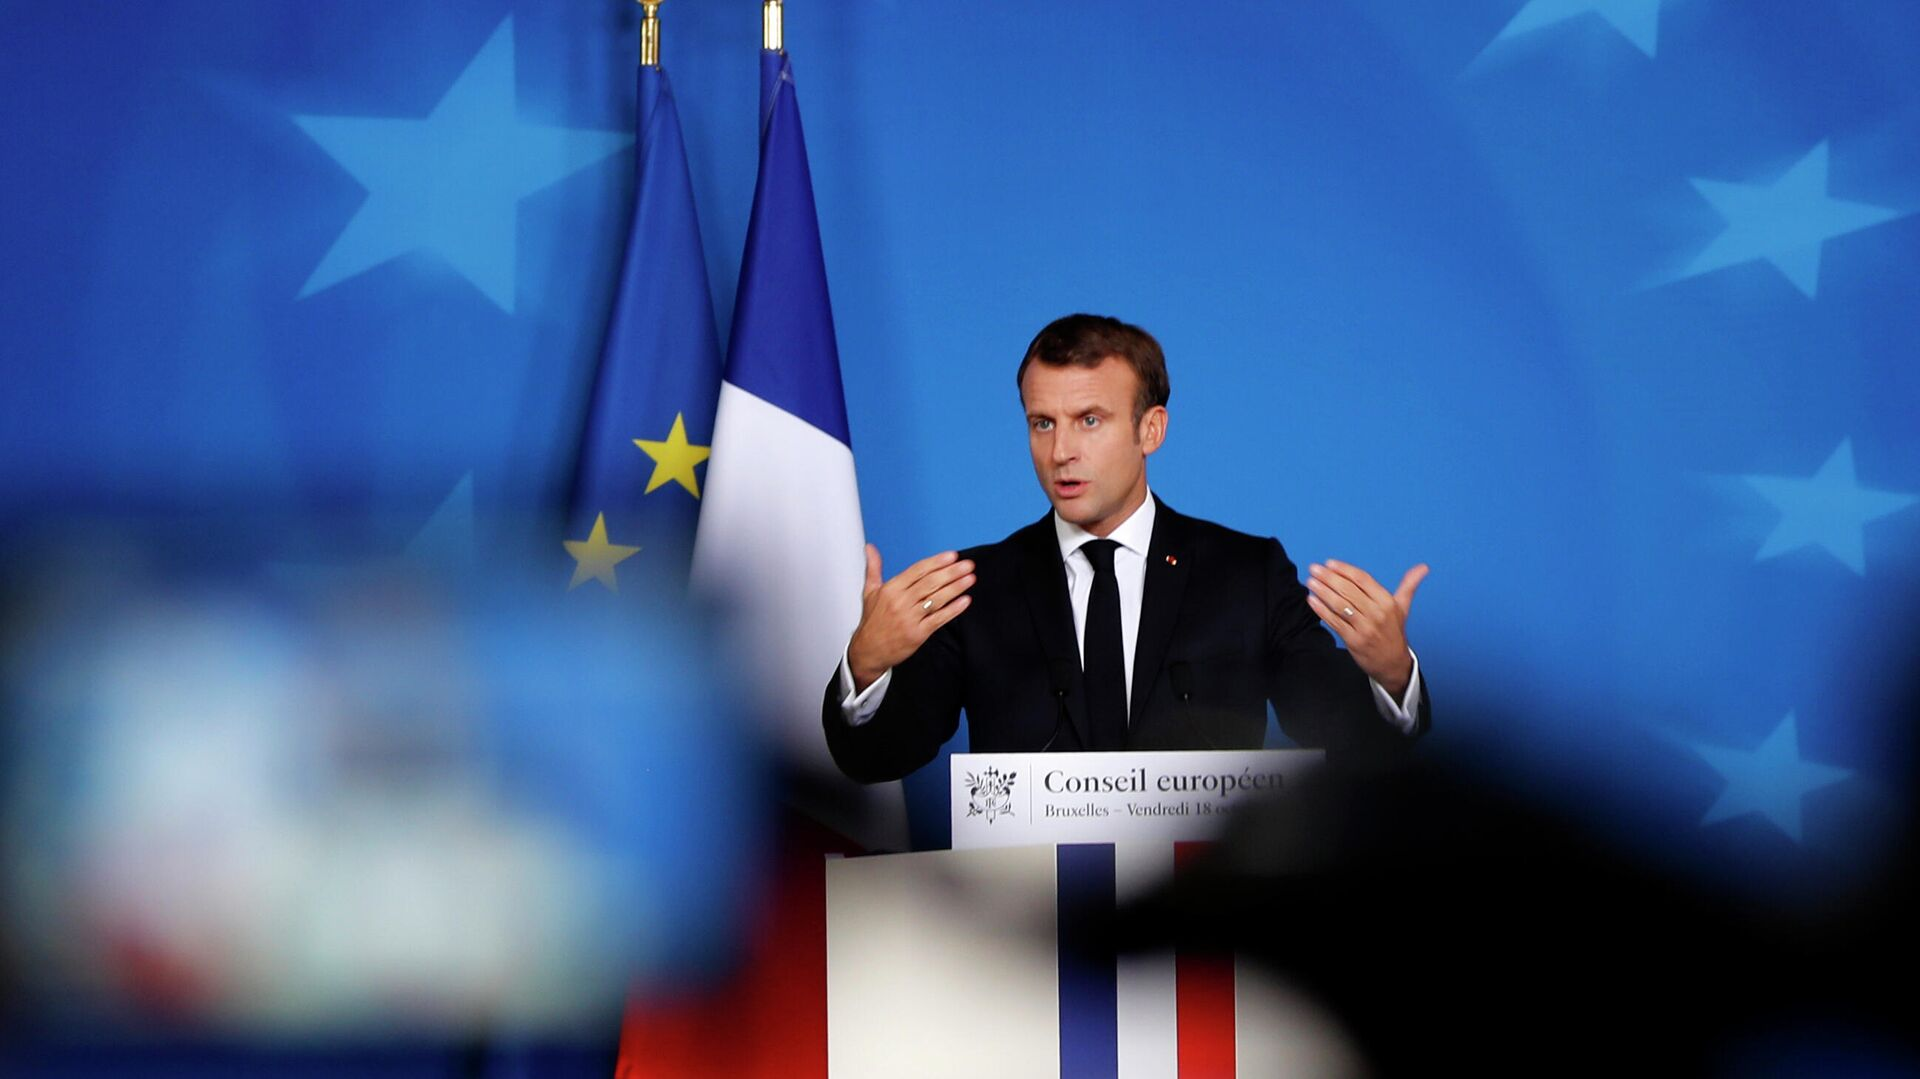 Президент Франции Эммануэль Макрон выступает на саммите ЕС в Брюсселе - РИА Новости, 1920, 10.05.2021